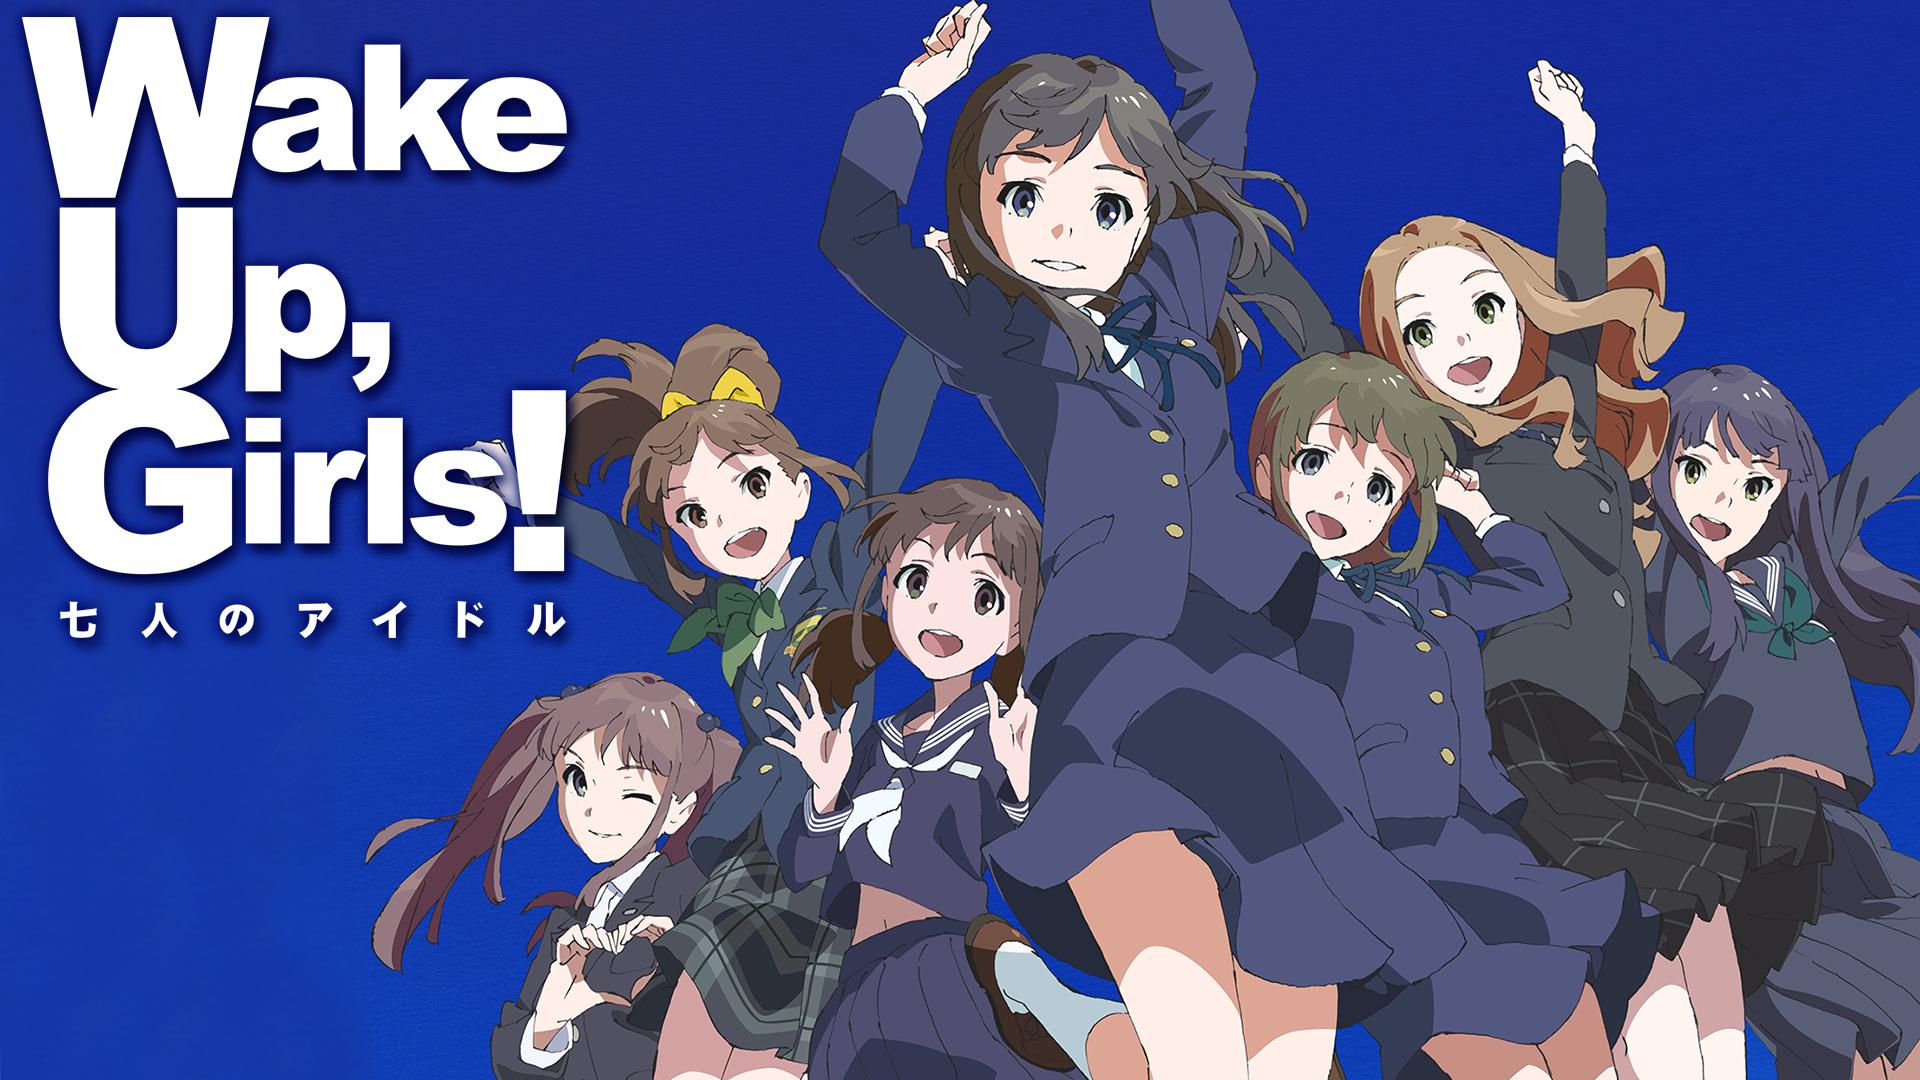 劇場版「Wake Up, Girls!七人のアイドル」(dアニメストア)